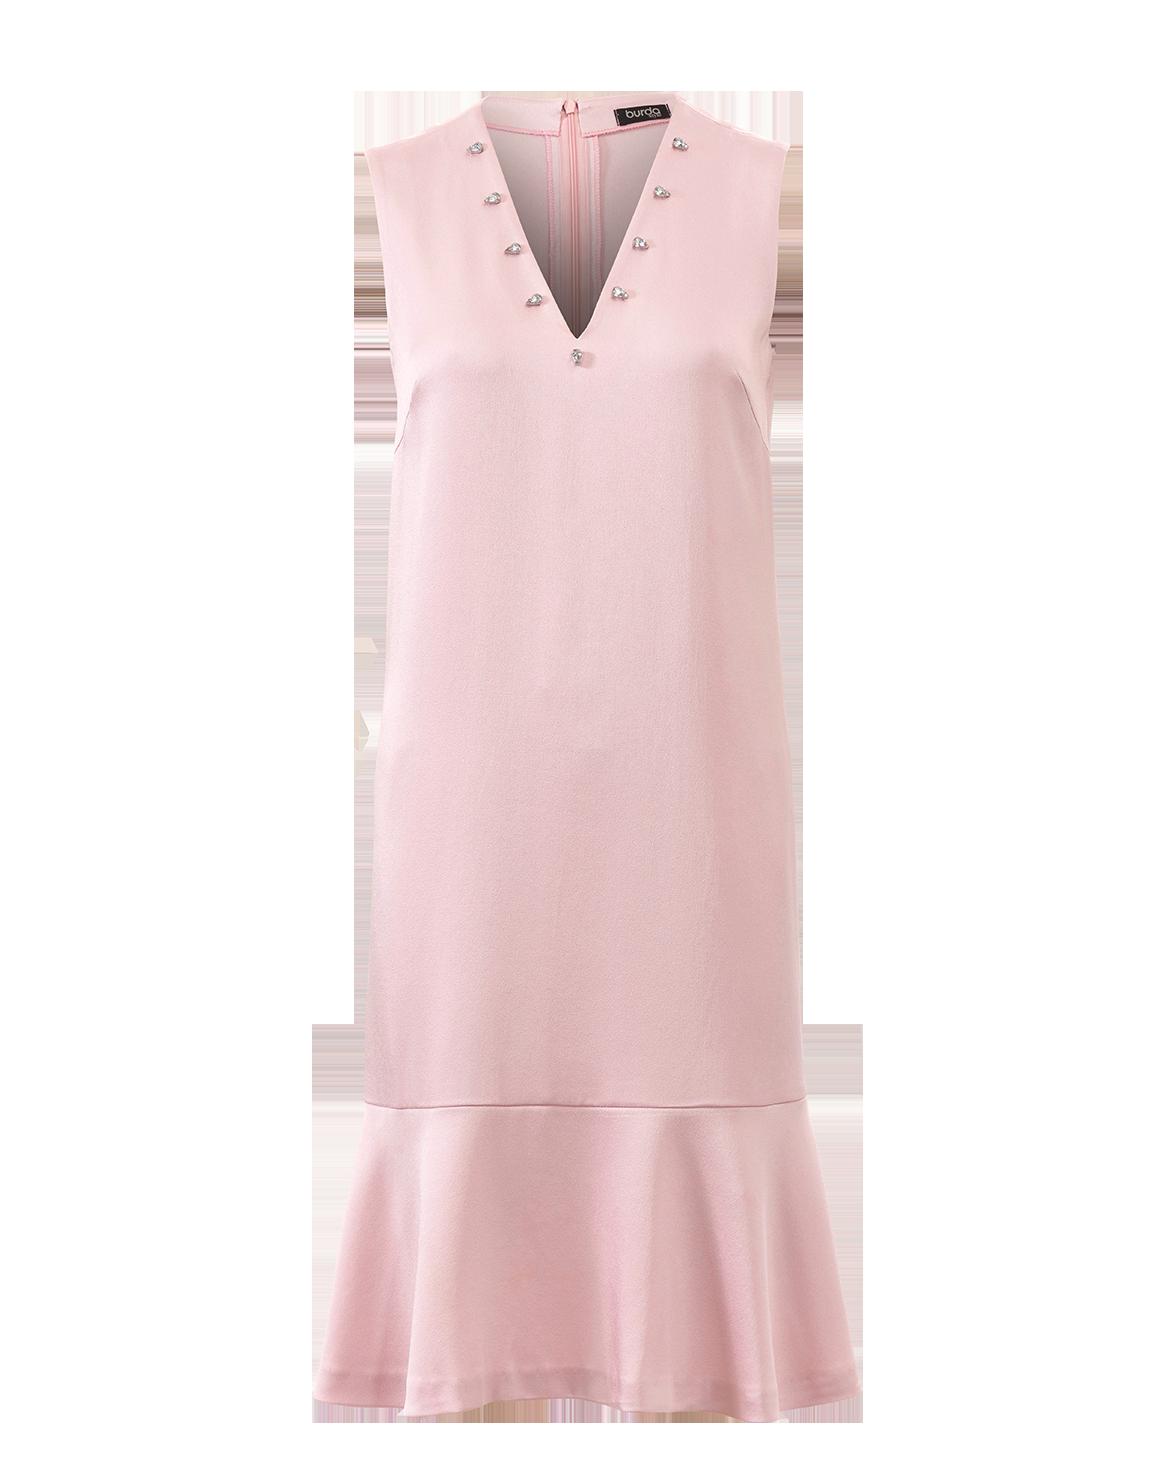 Schnittmuster Kleid · Eine darunter getragene Spitzenbluse